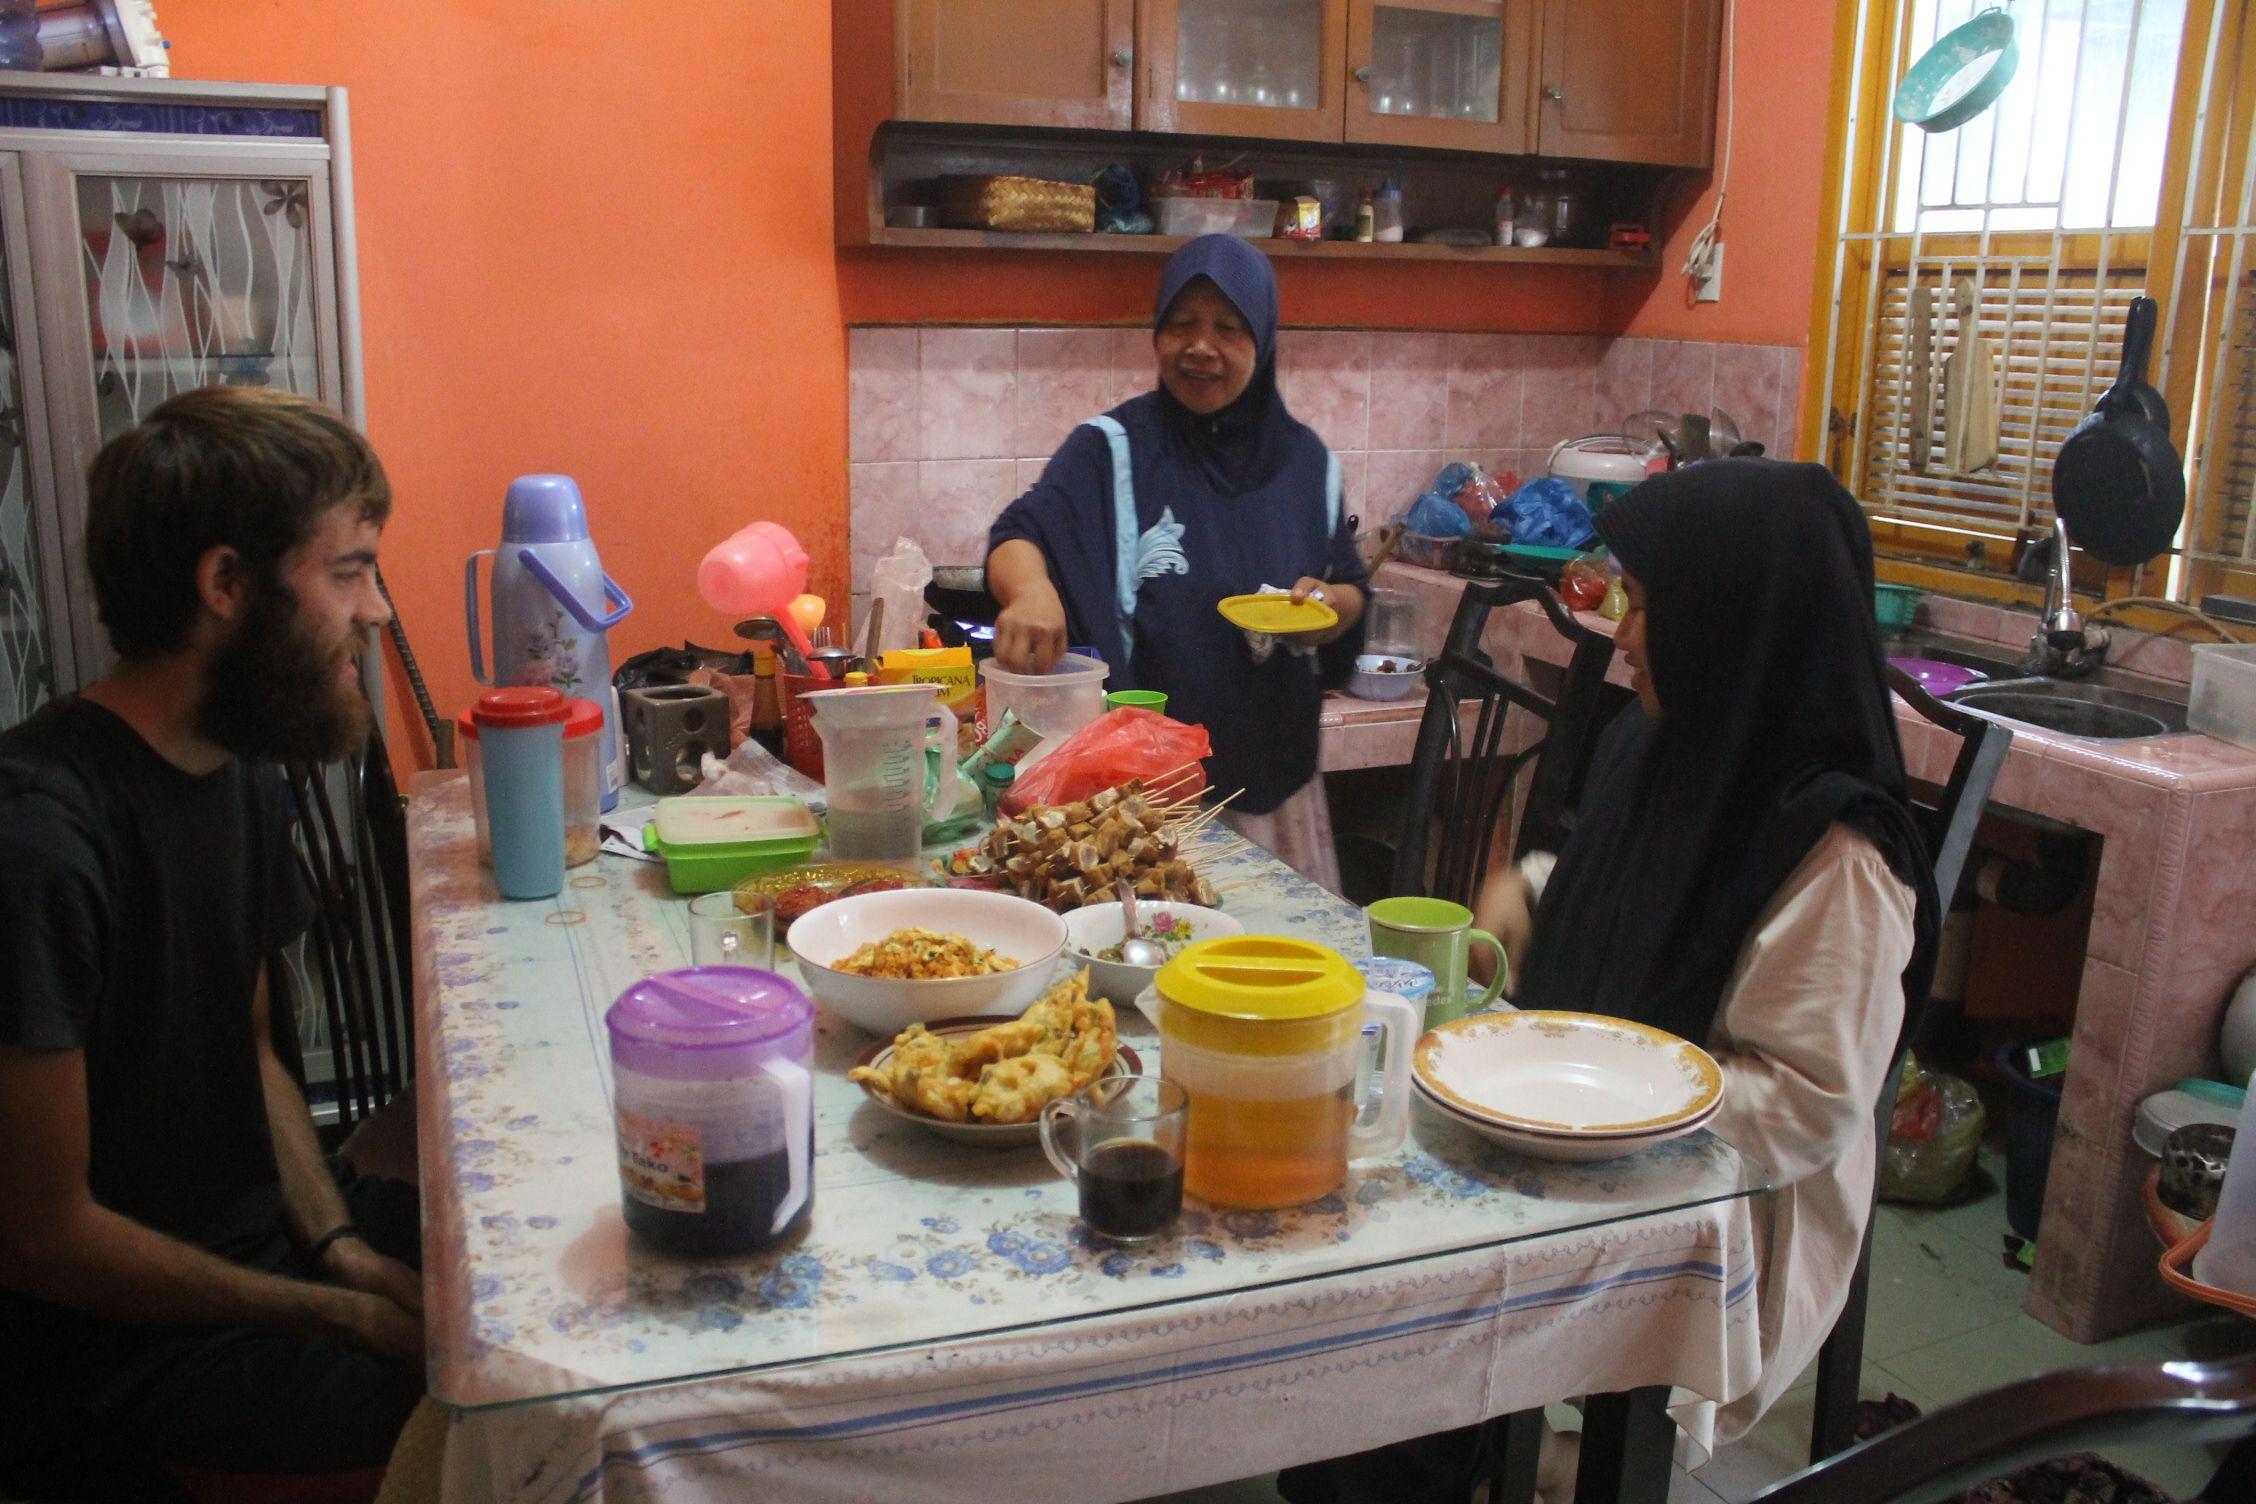 Compartiendo mesa con Ifa y su madre